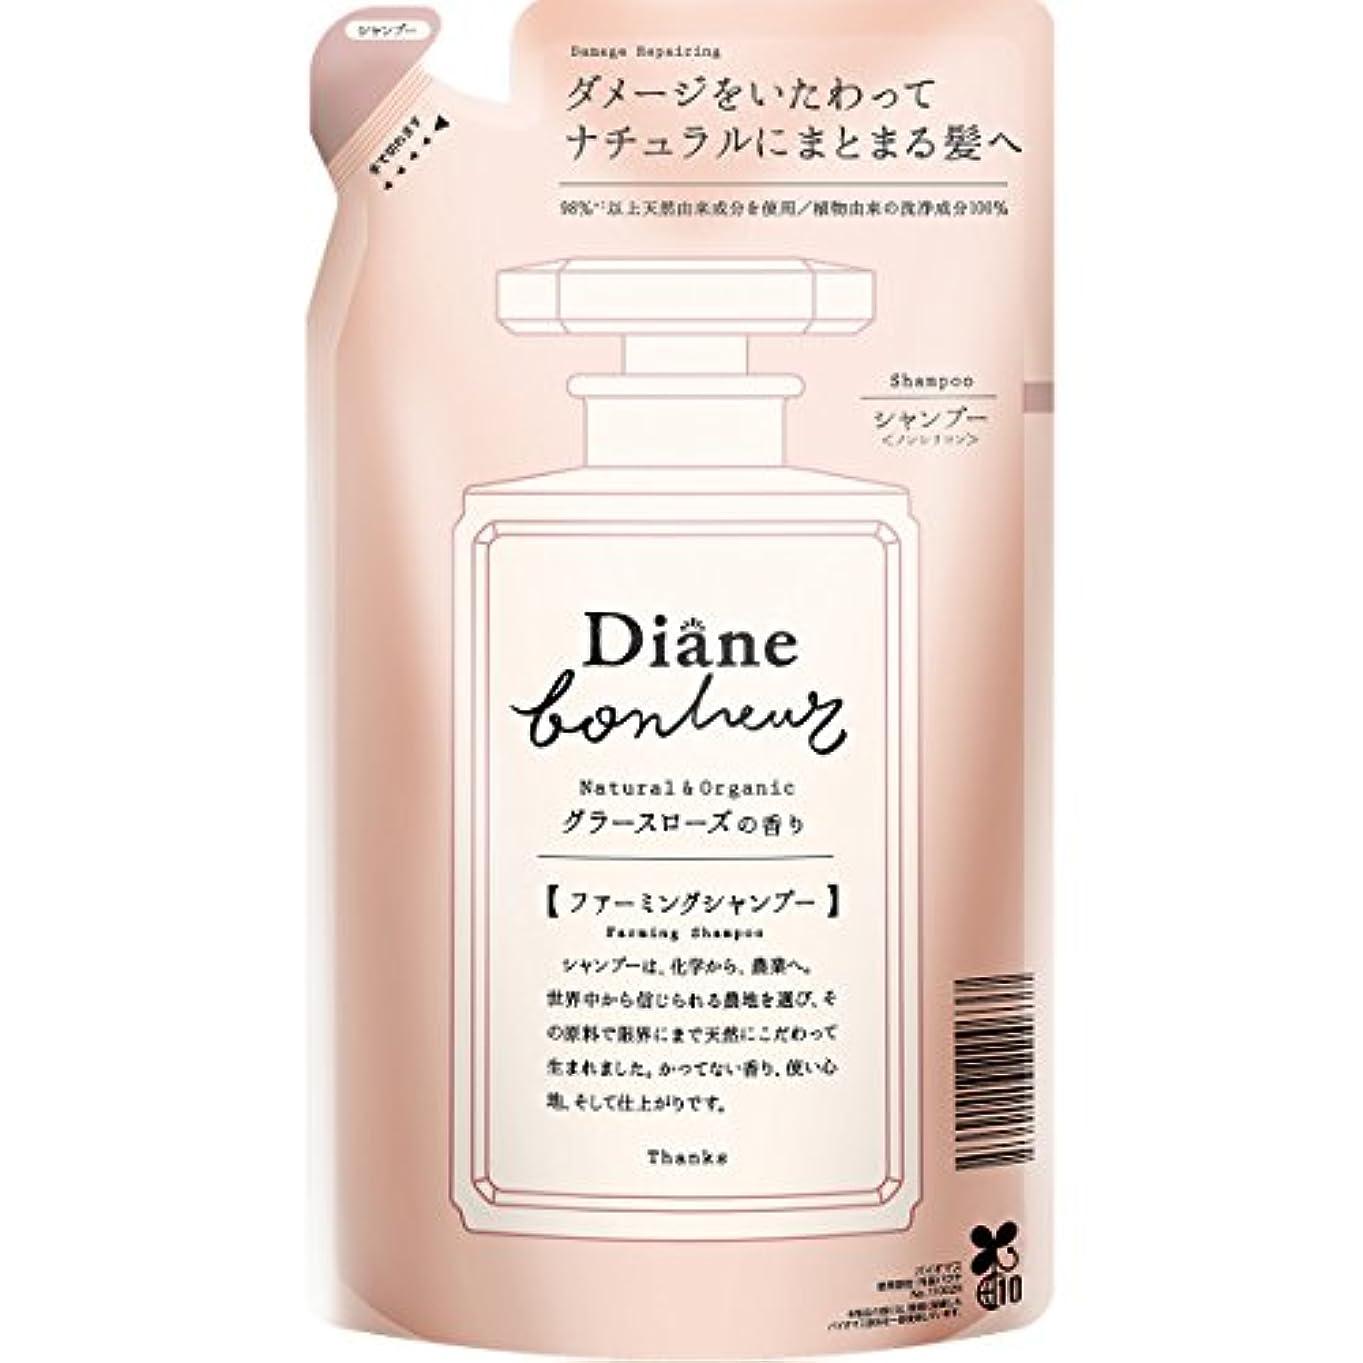 ヘア最悪化学薬品ダイアン ボヌール グラースローズの香り ダメージリペア シャンプー 詰め替え 400ml